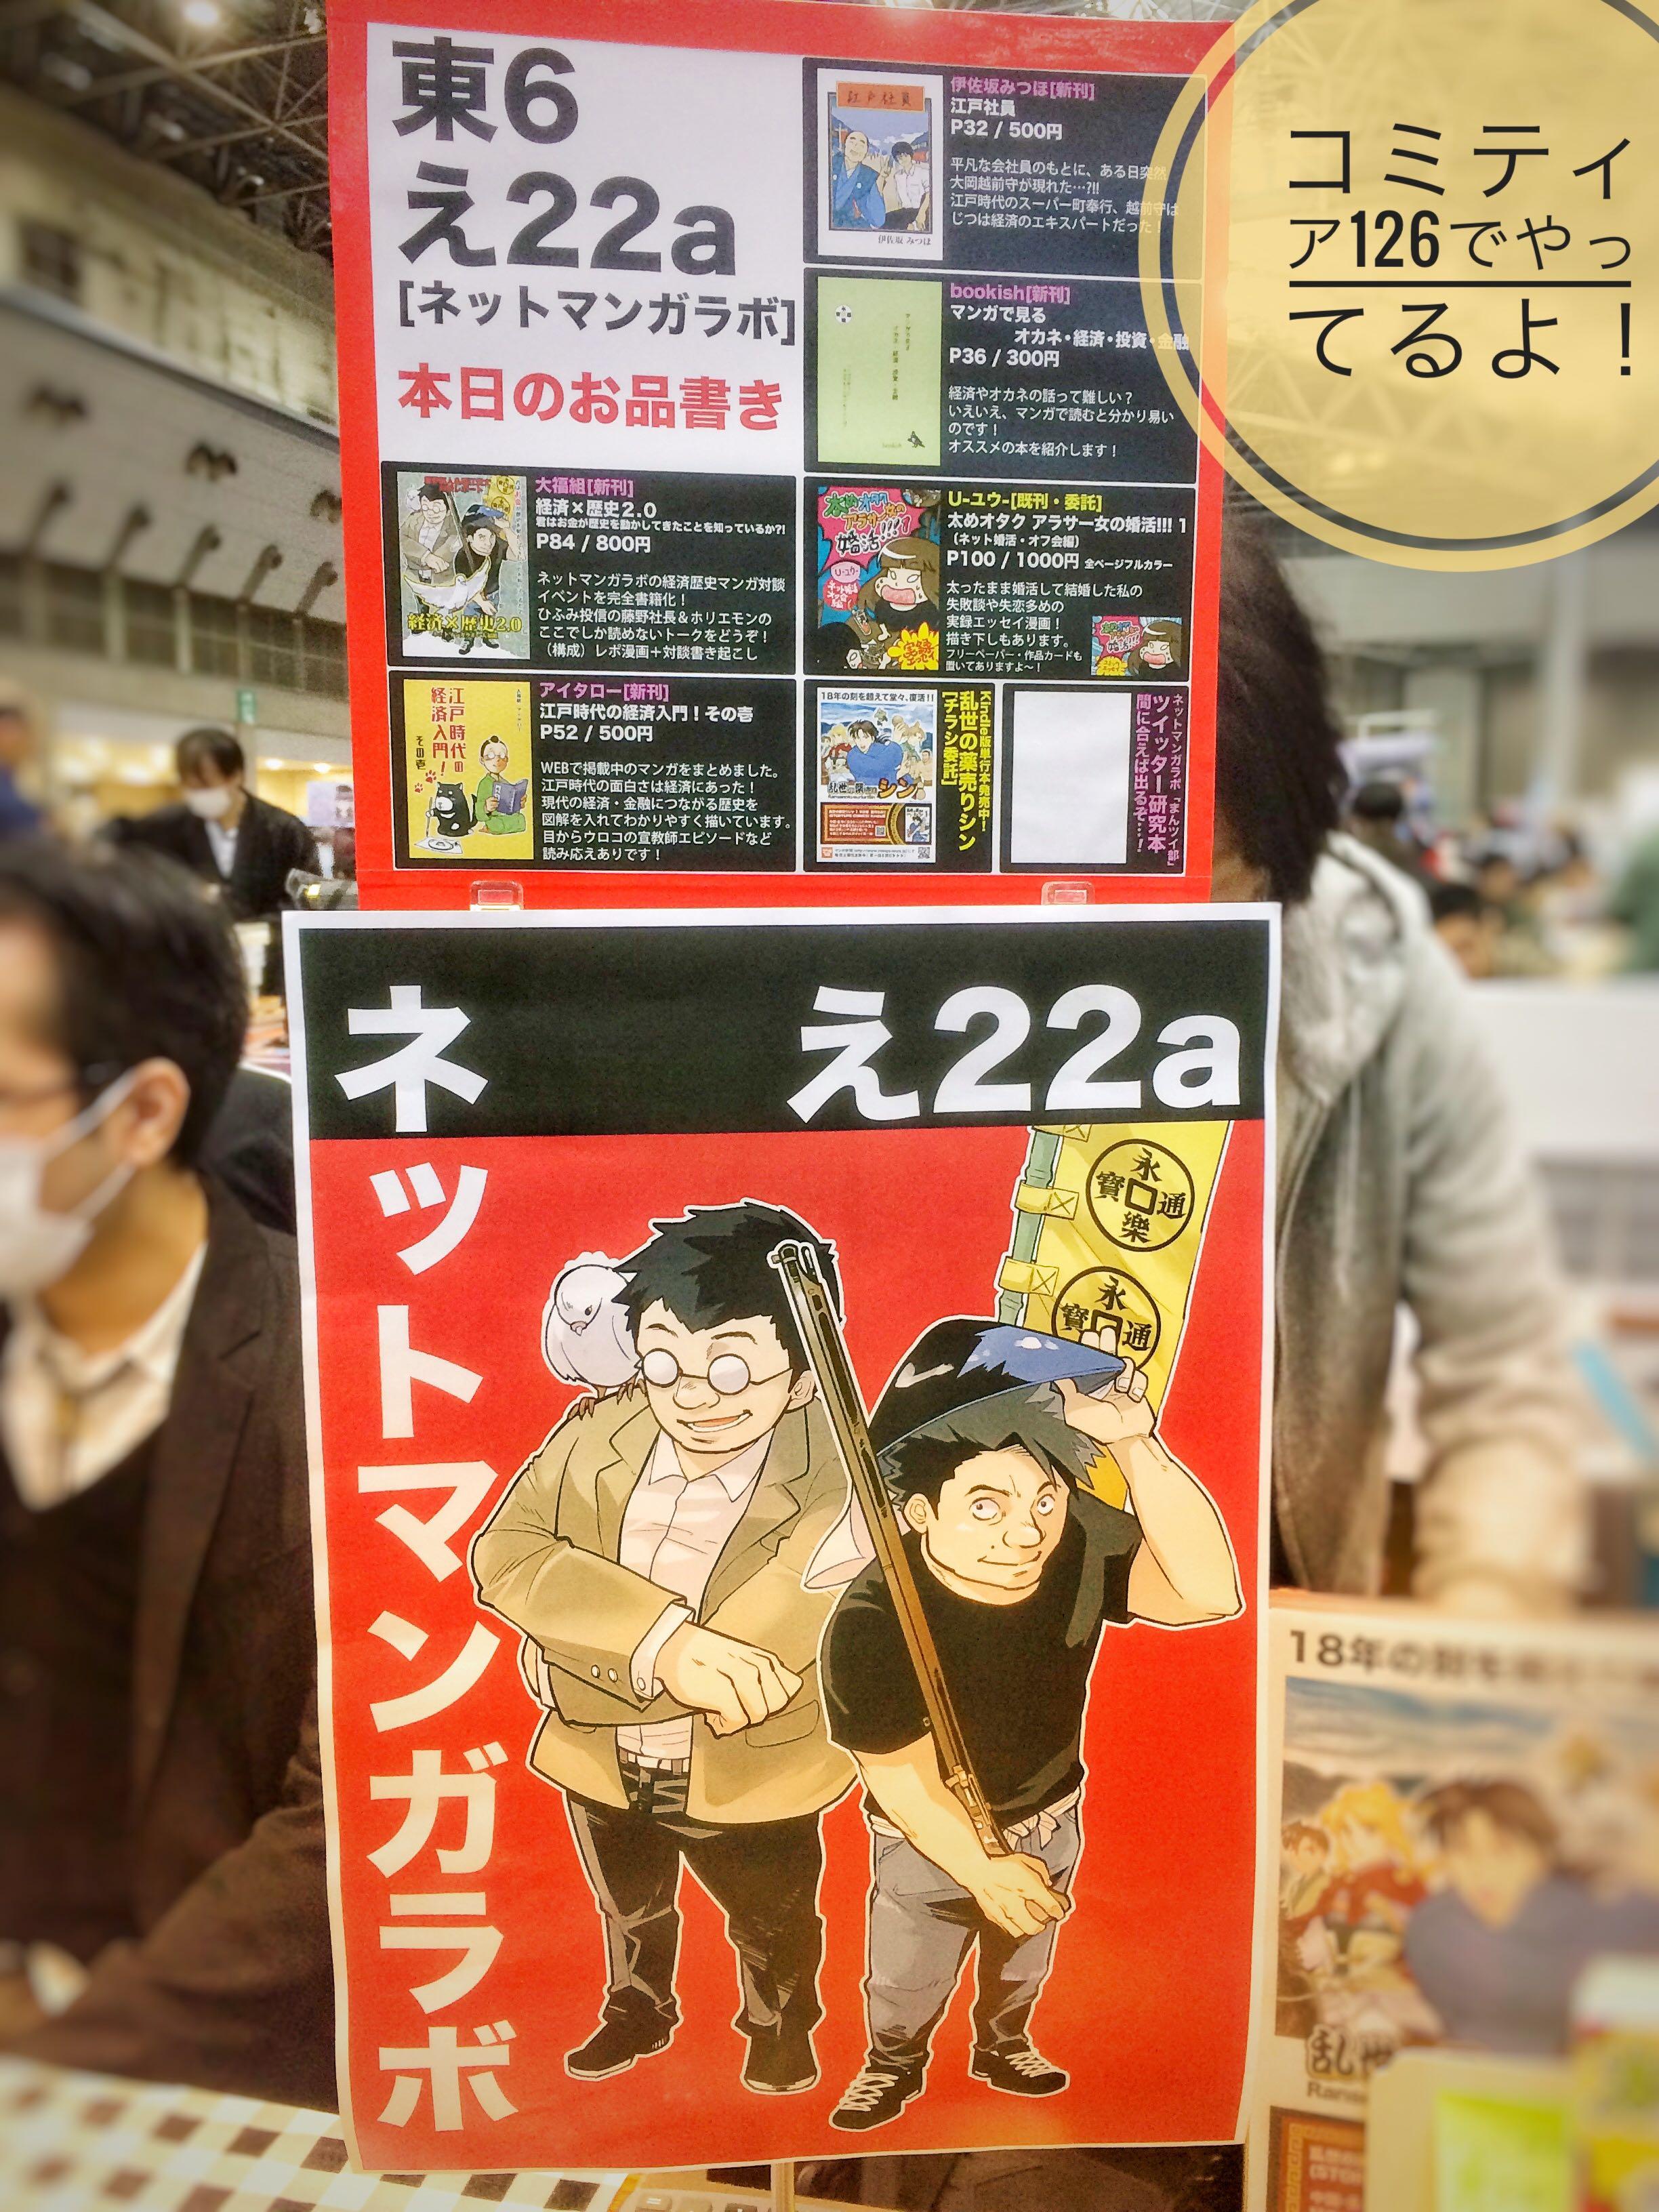 大福組で初のコミティア出店!!(東京コミティア126)